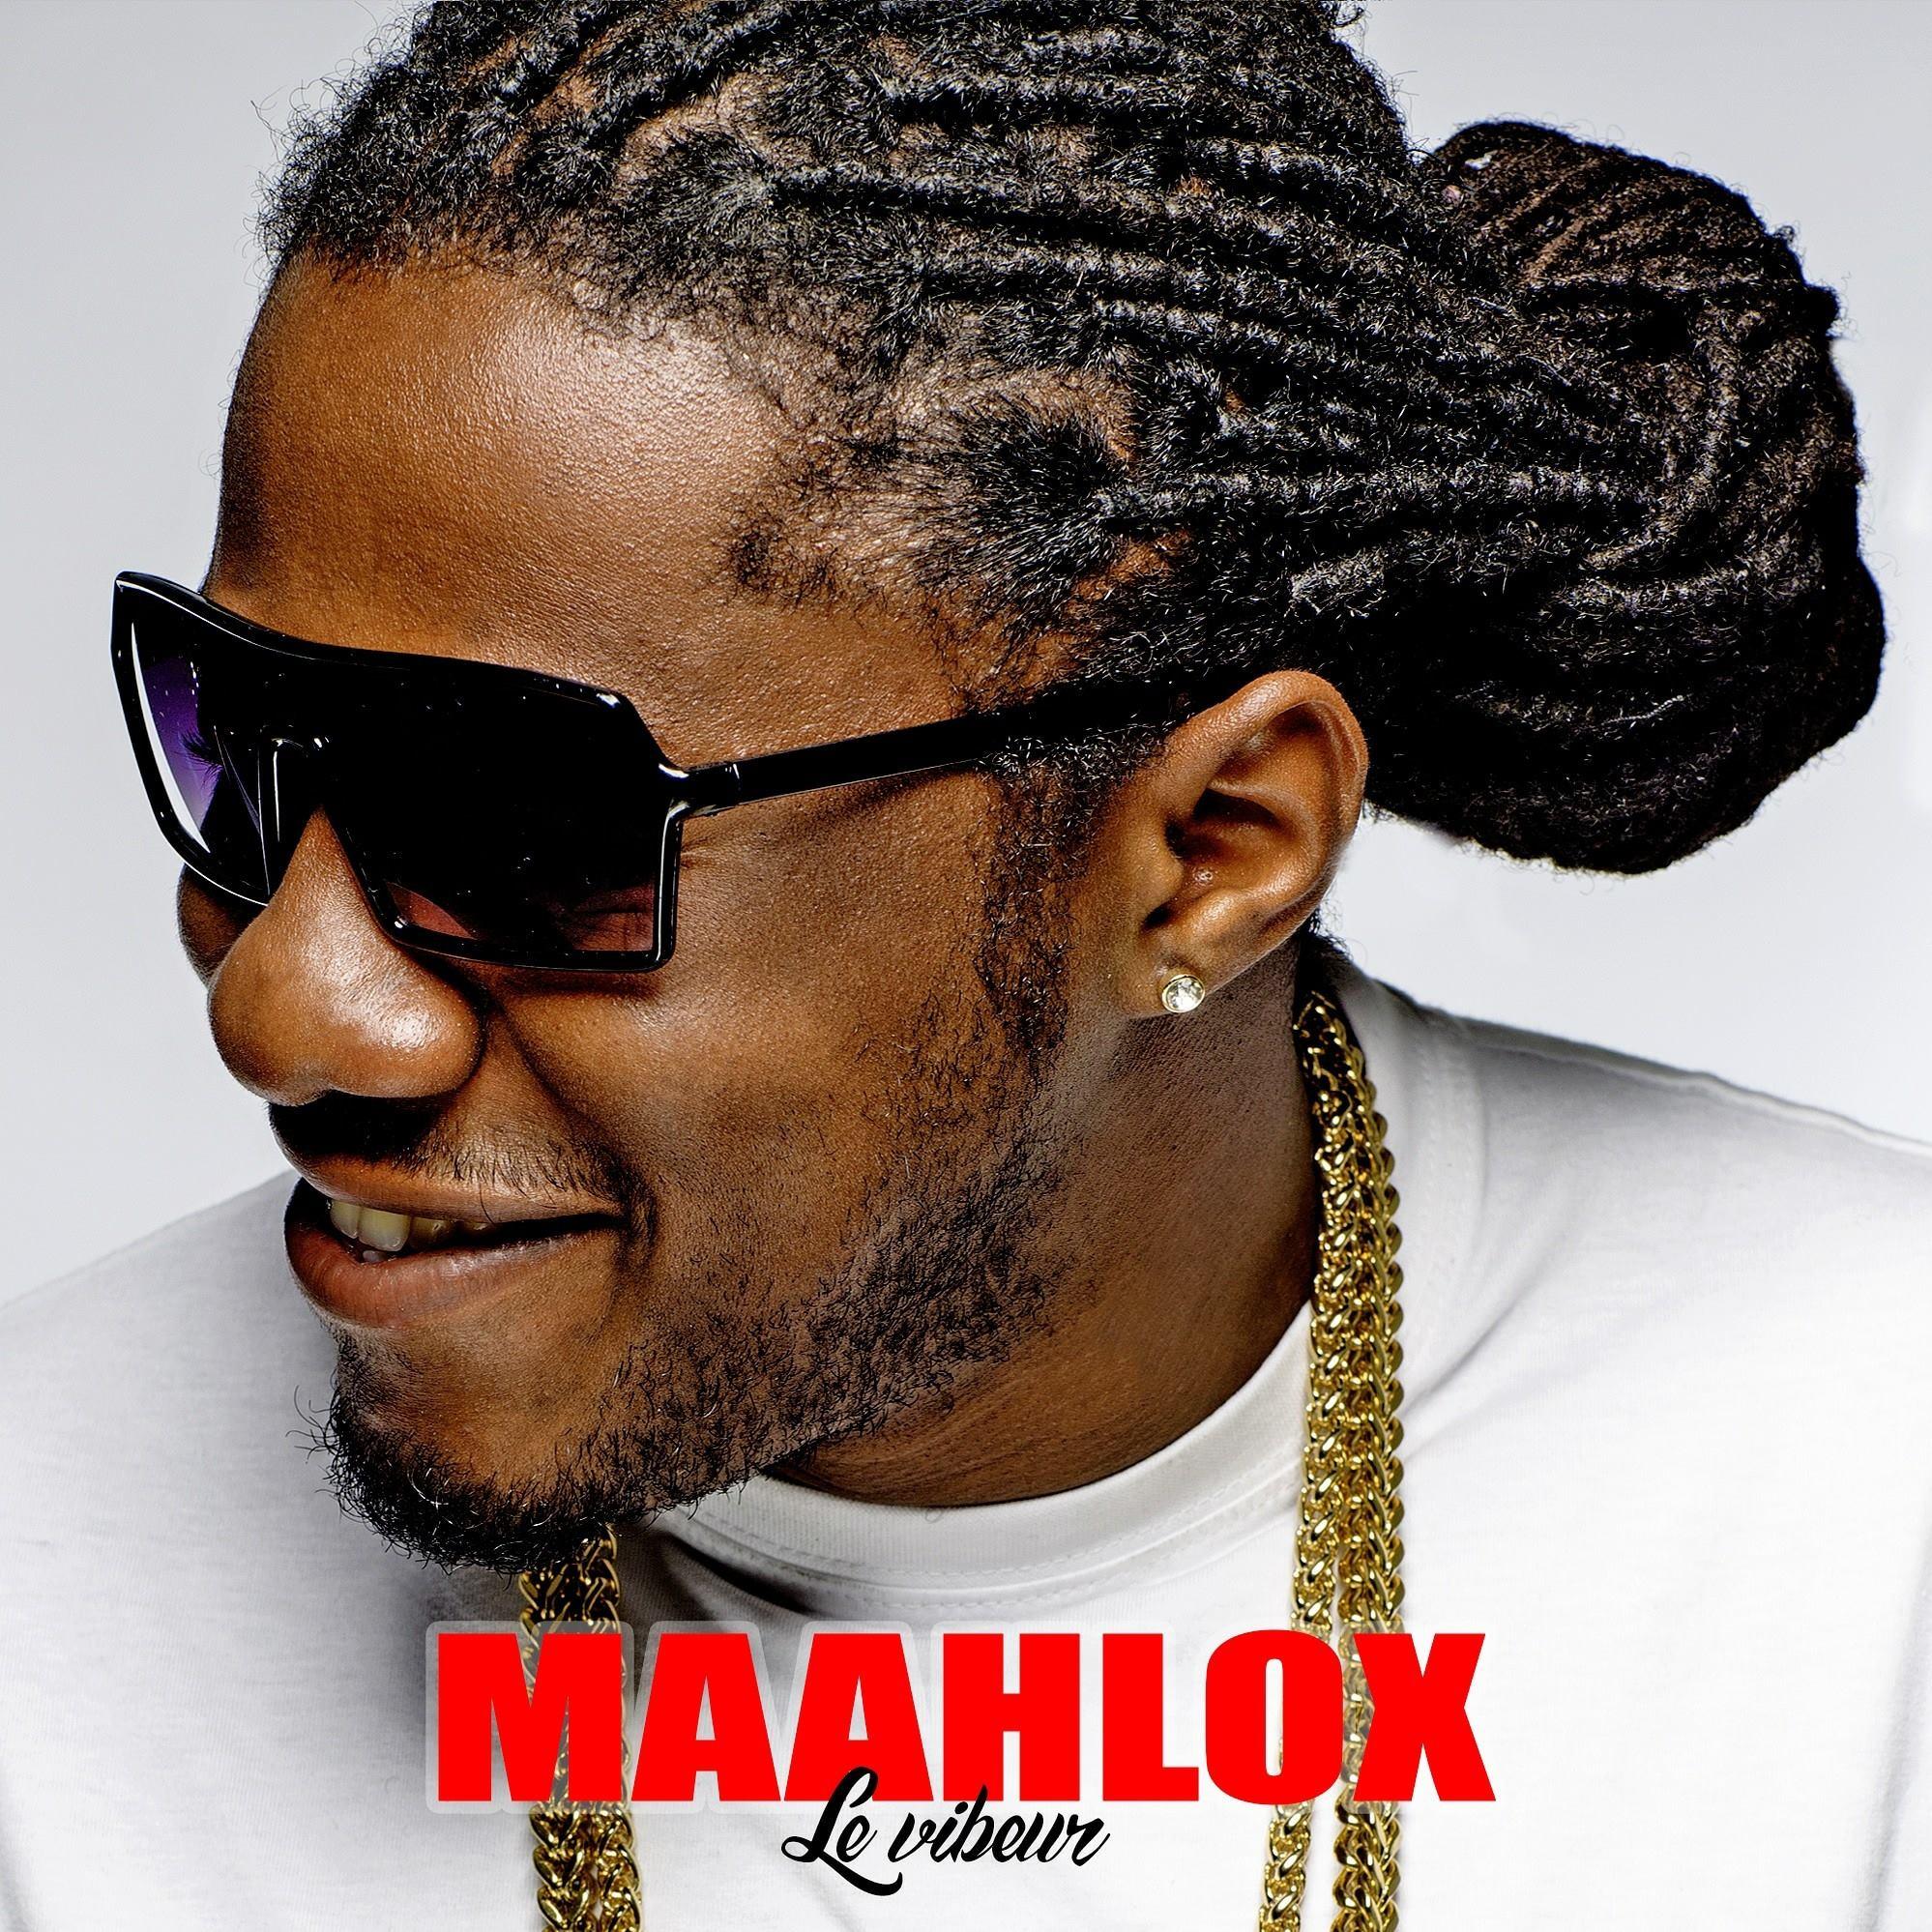 Maahlox